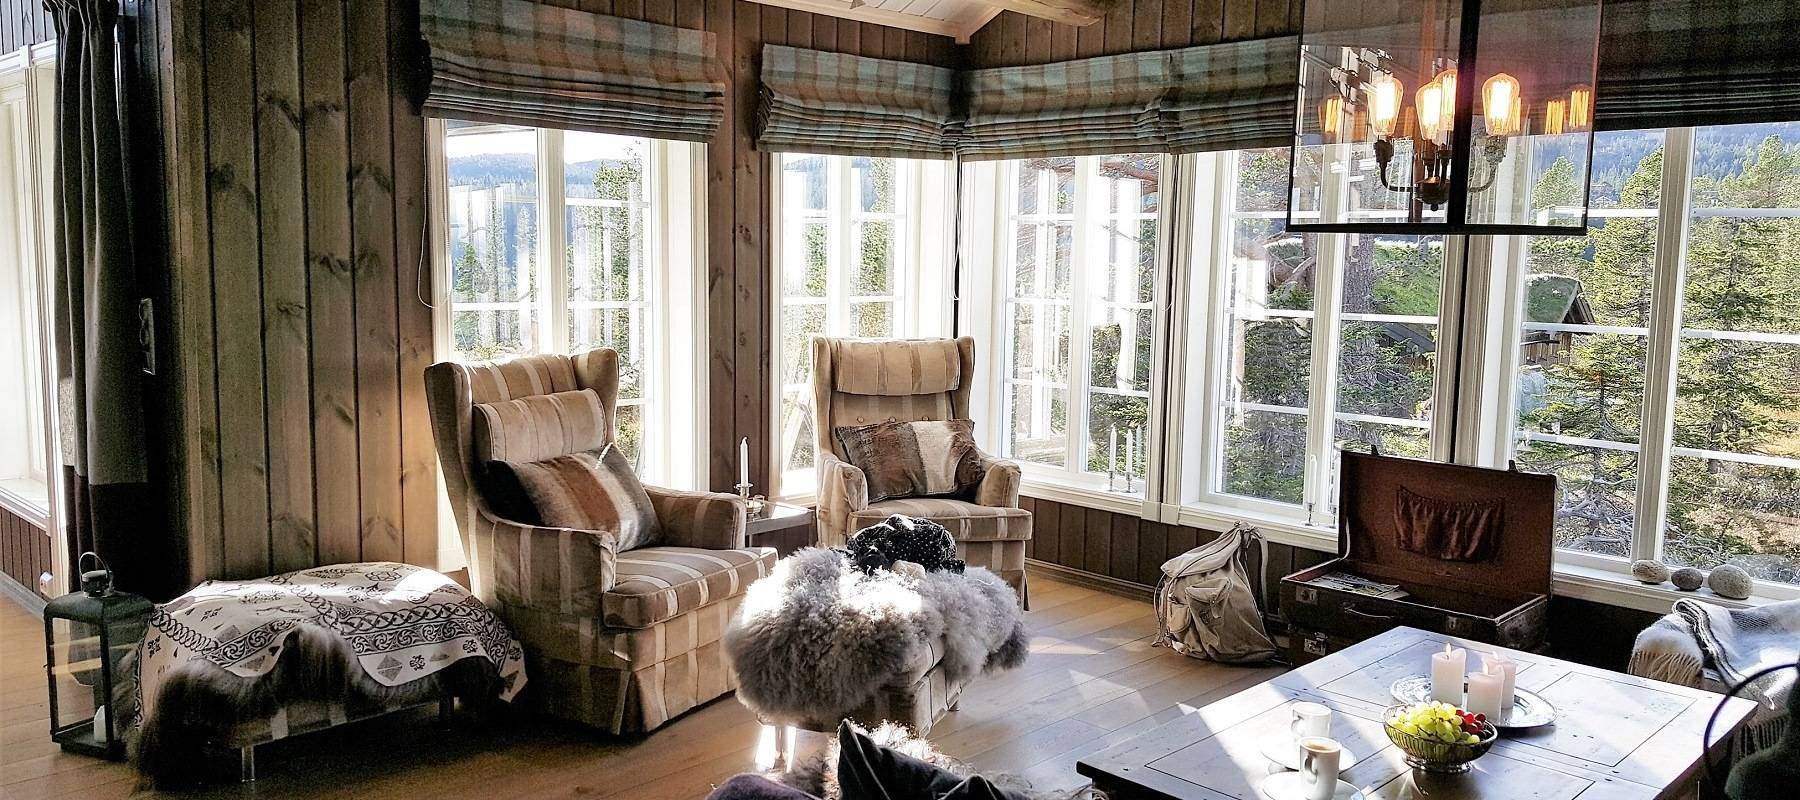 220 Hytteinteriør Inspirasjon Veggli – Stryn 92